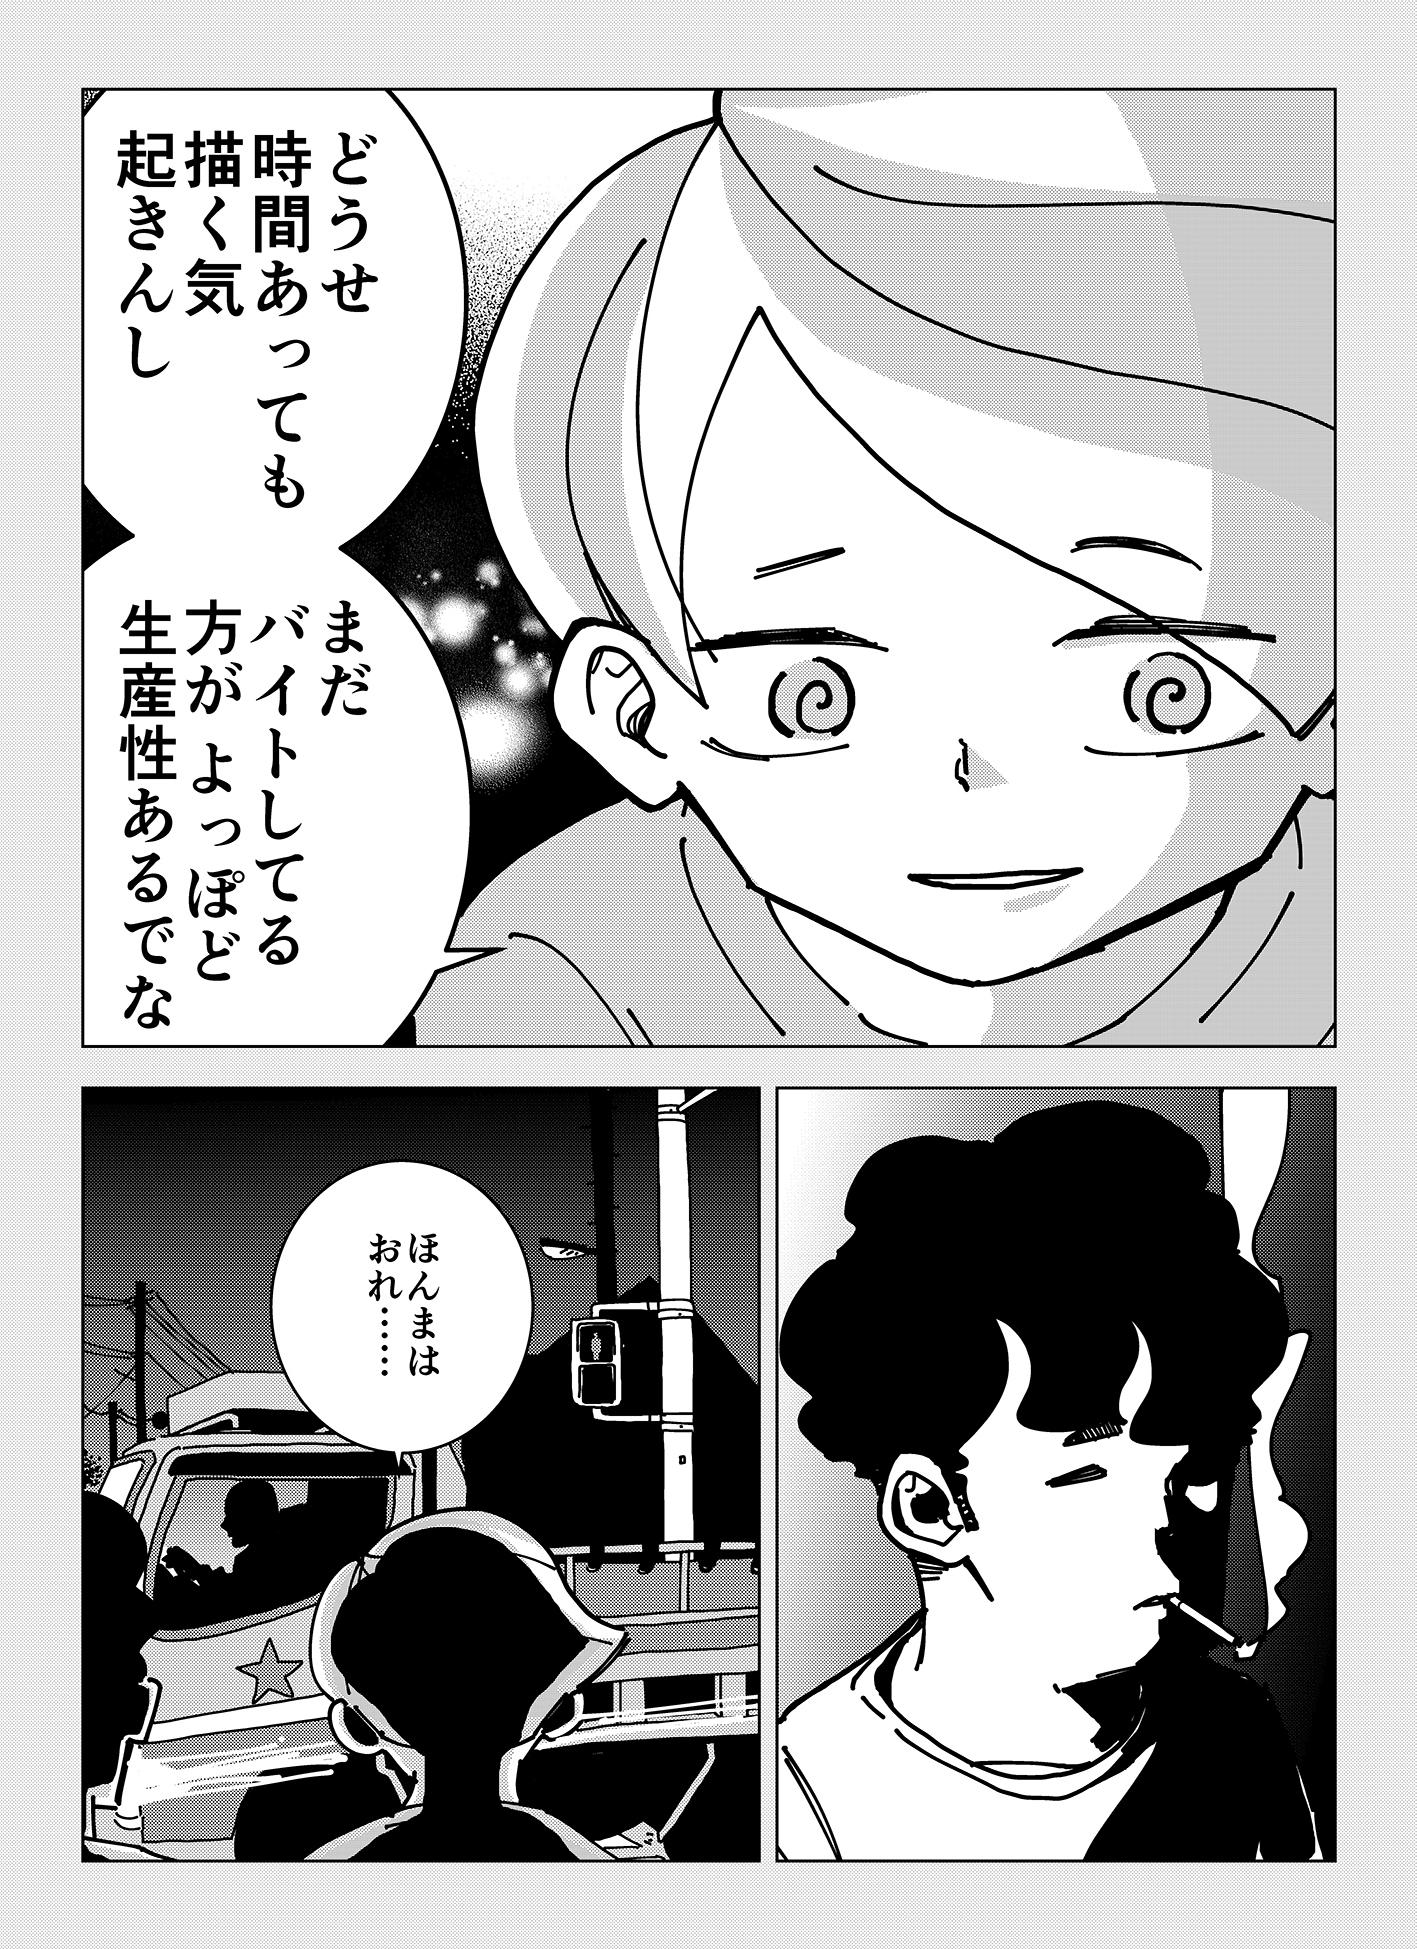 share04_007